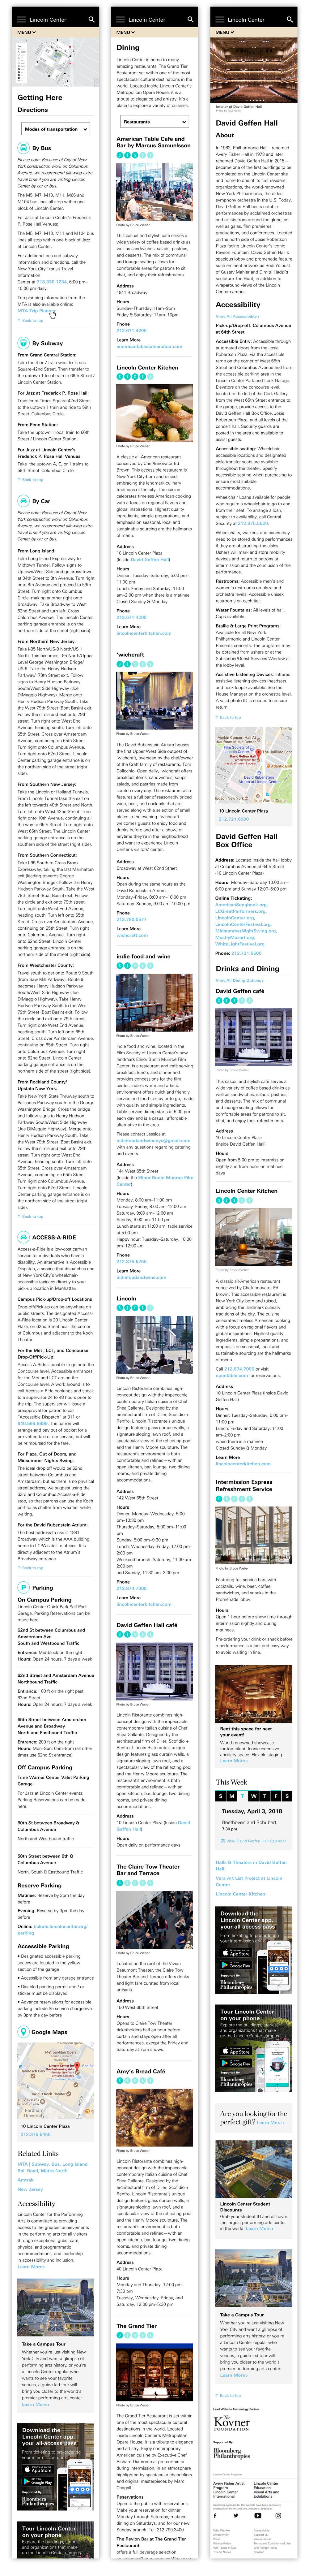 mobile-screens-visit-1.jpg